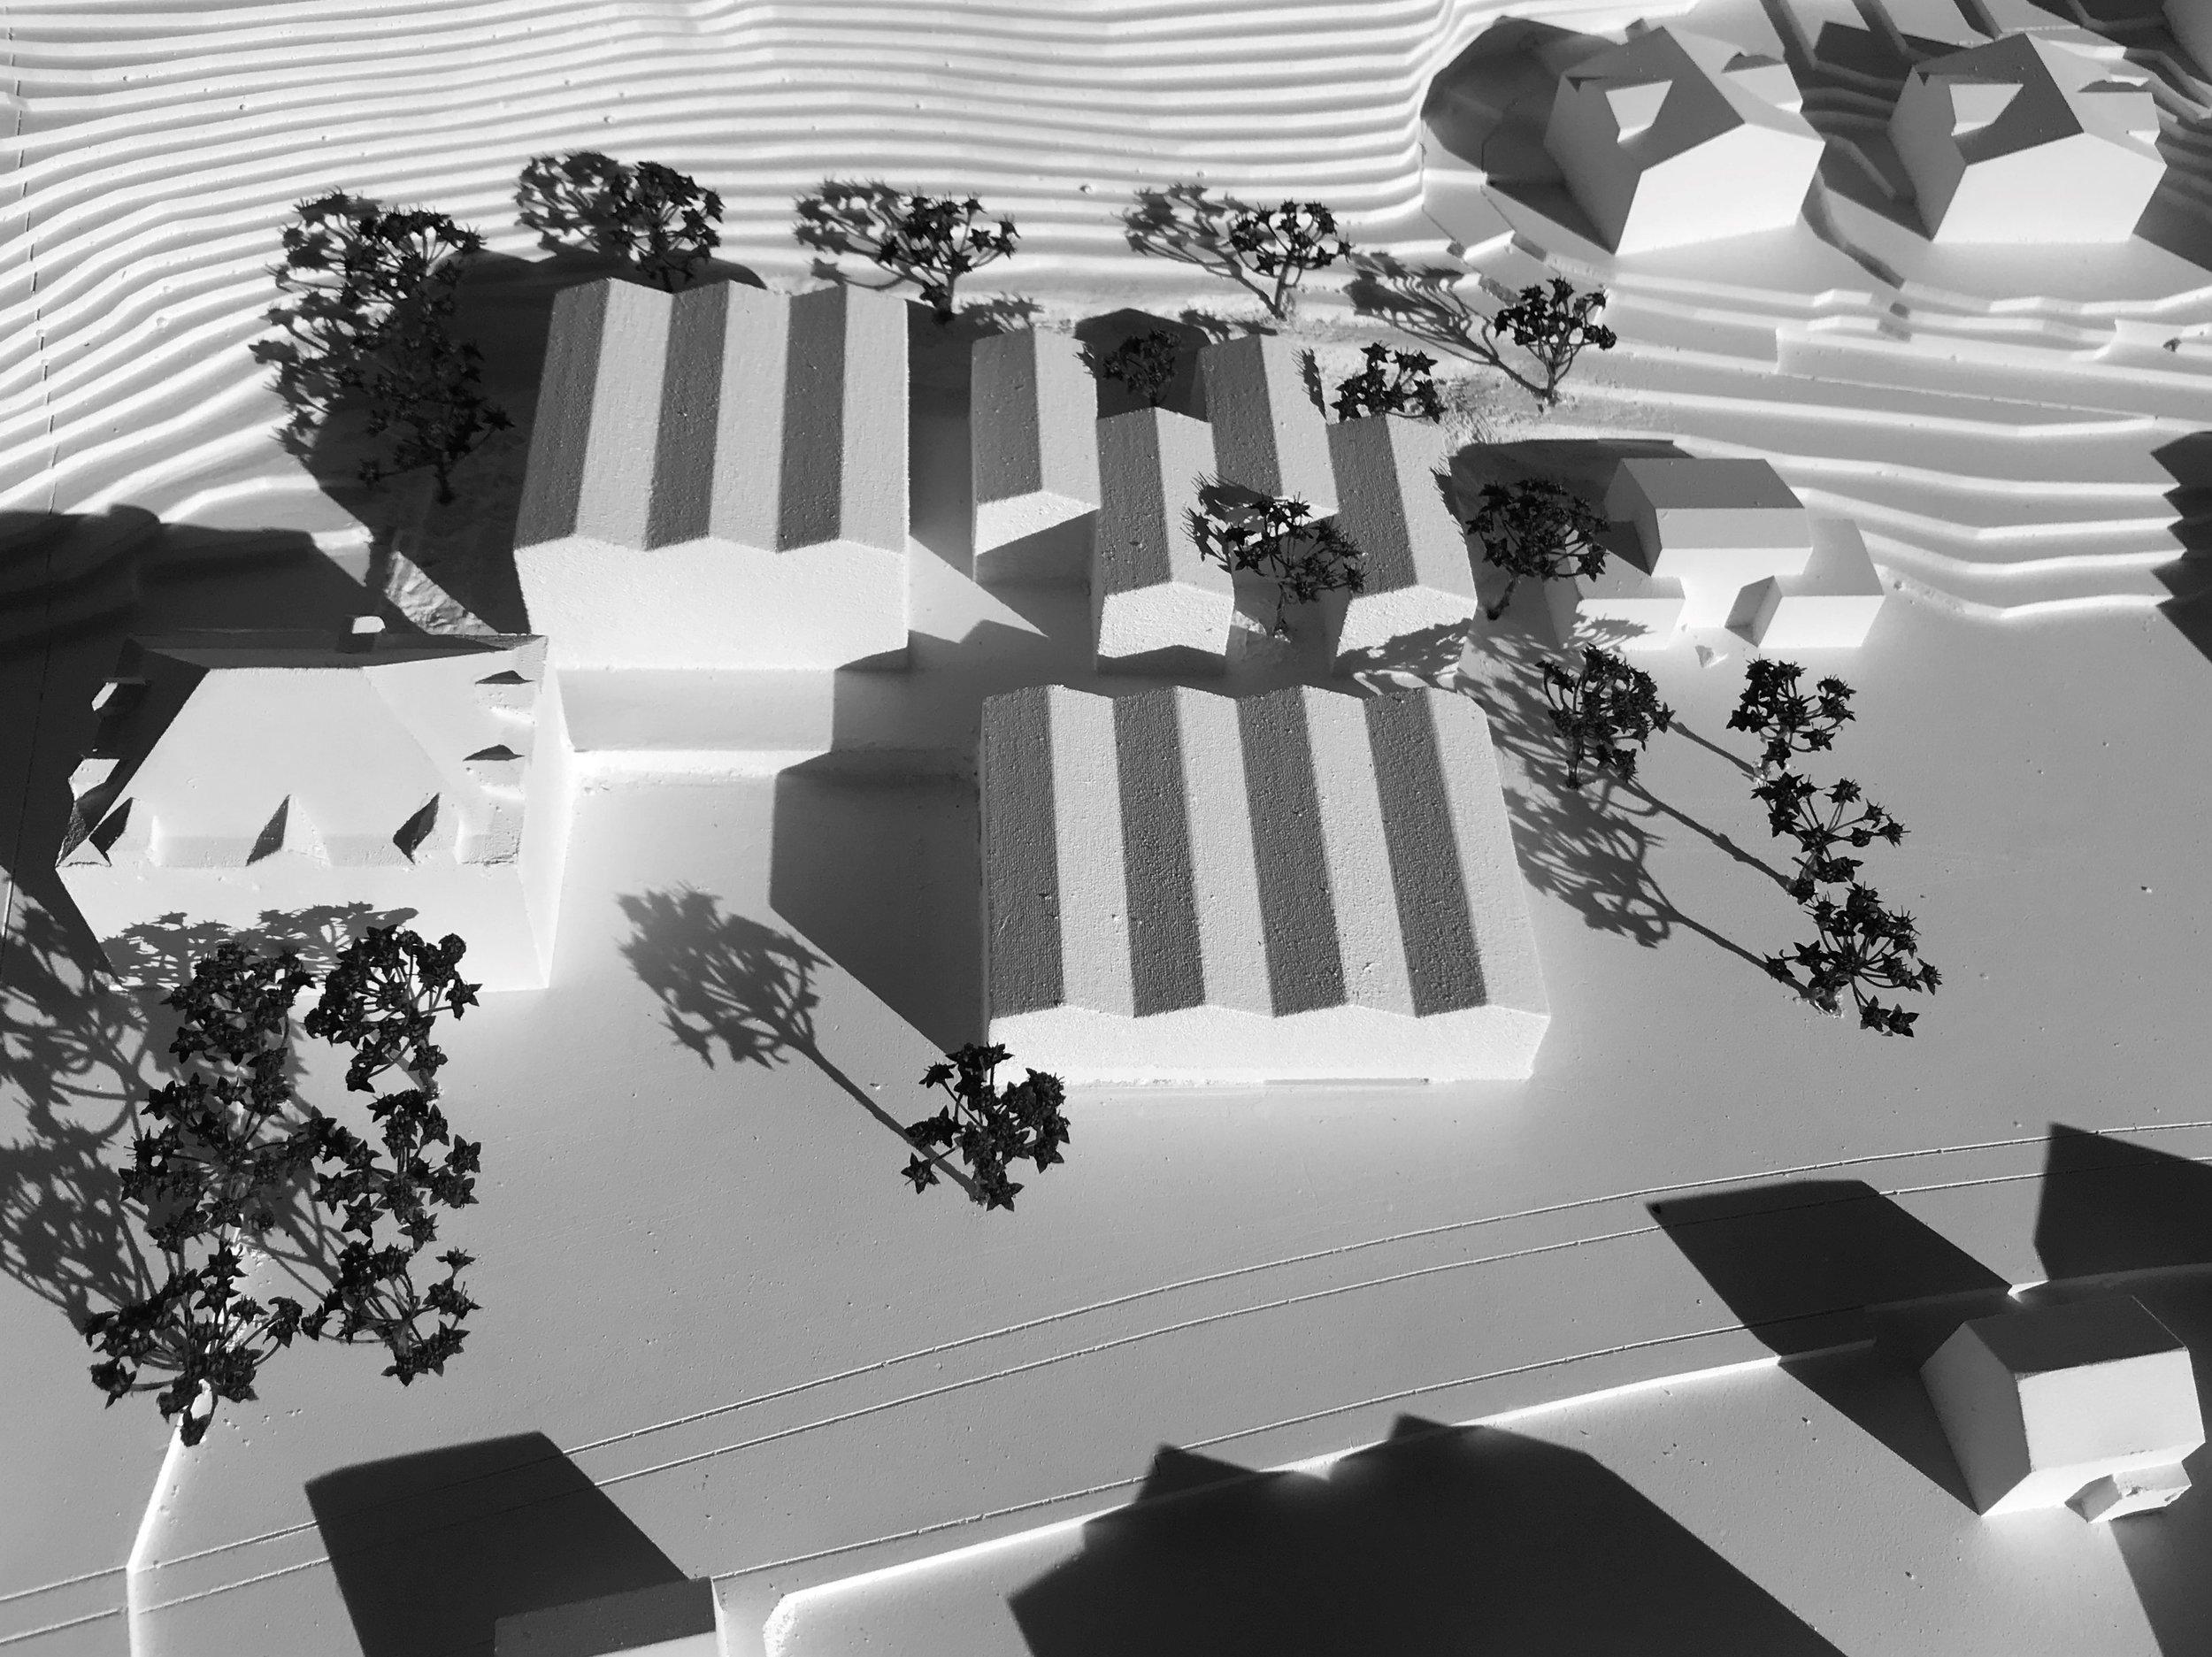 Architektur Wettbewerb_4.jpg